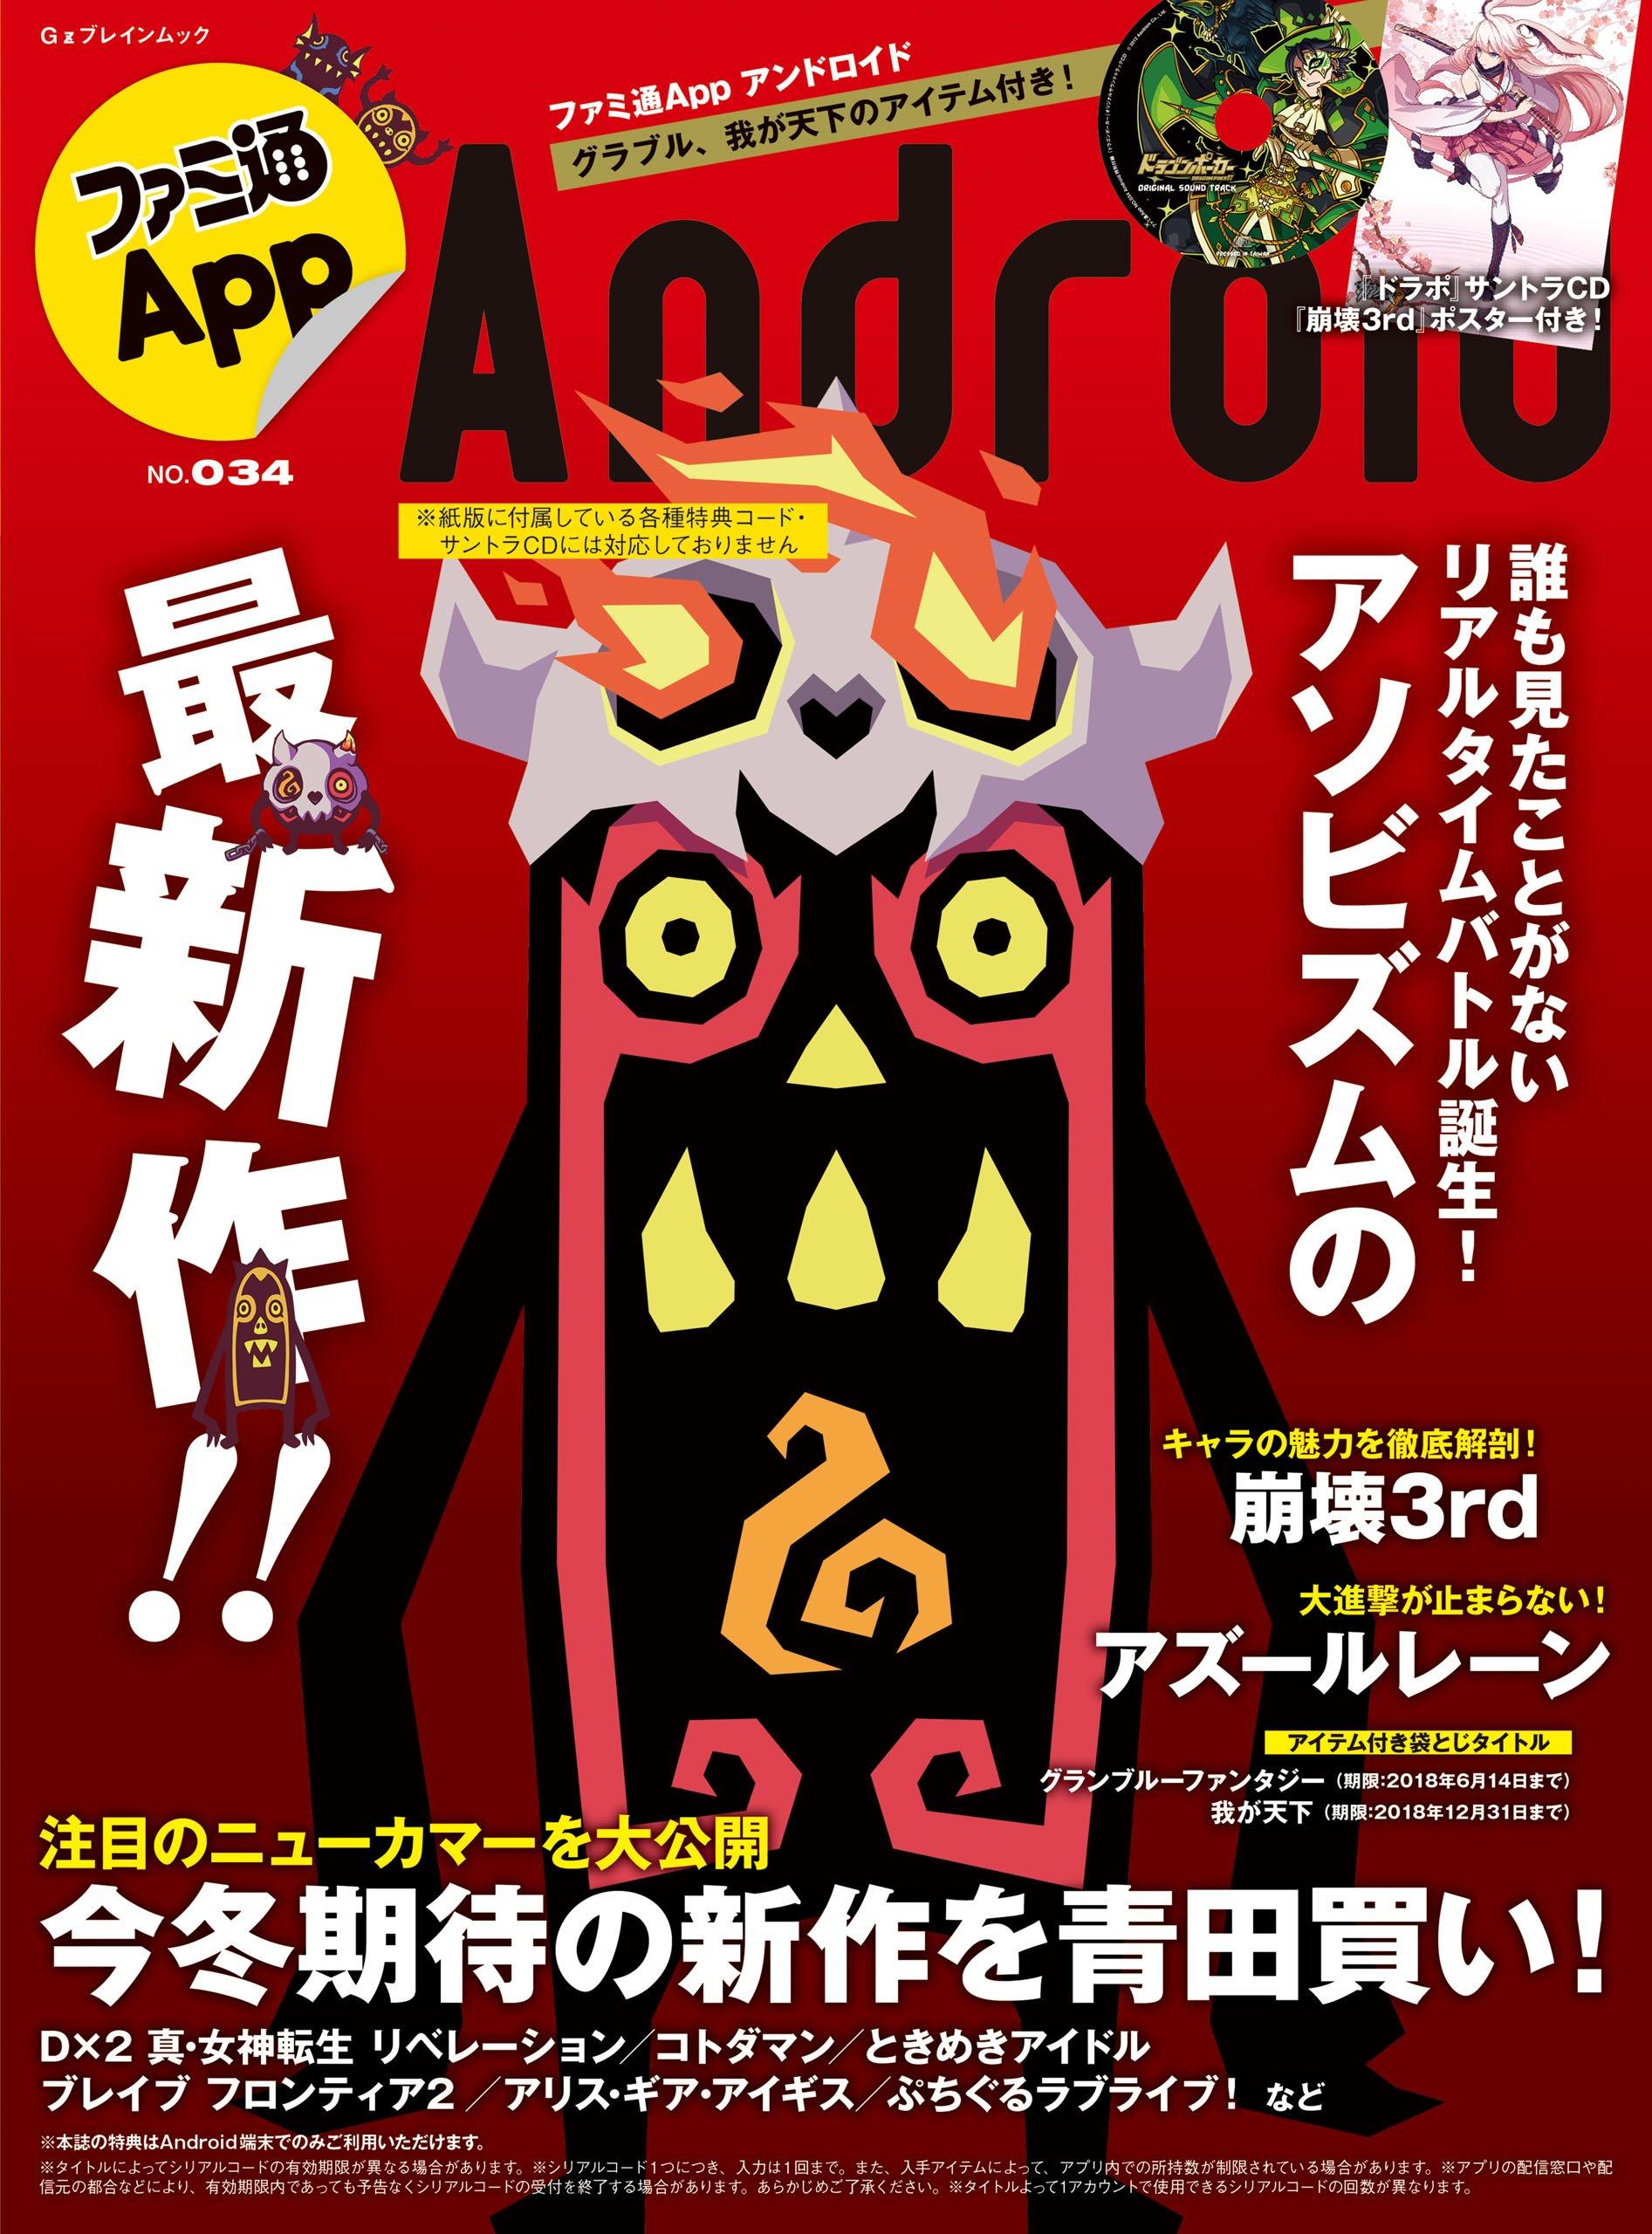 Famitsu App Issue 034 (December 2017)